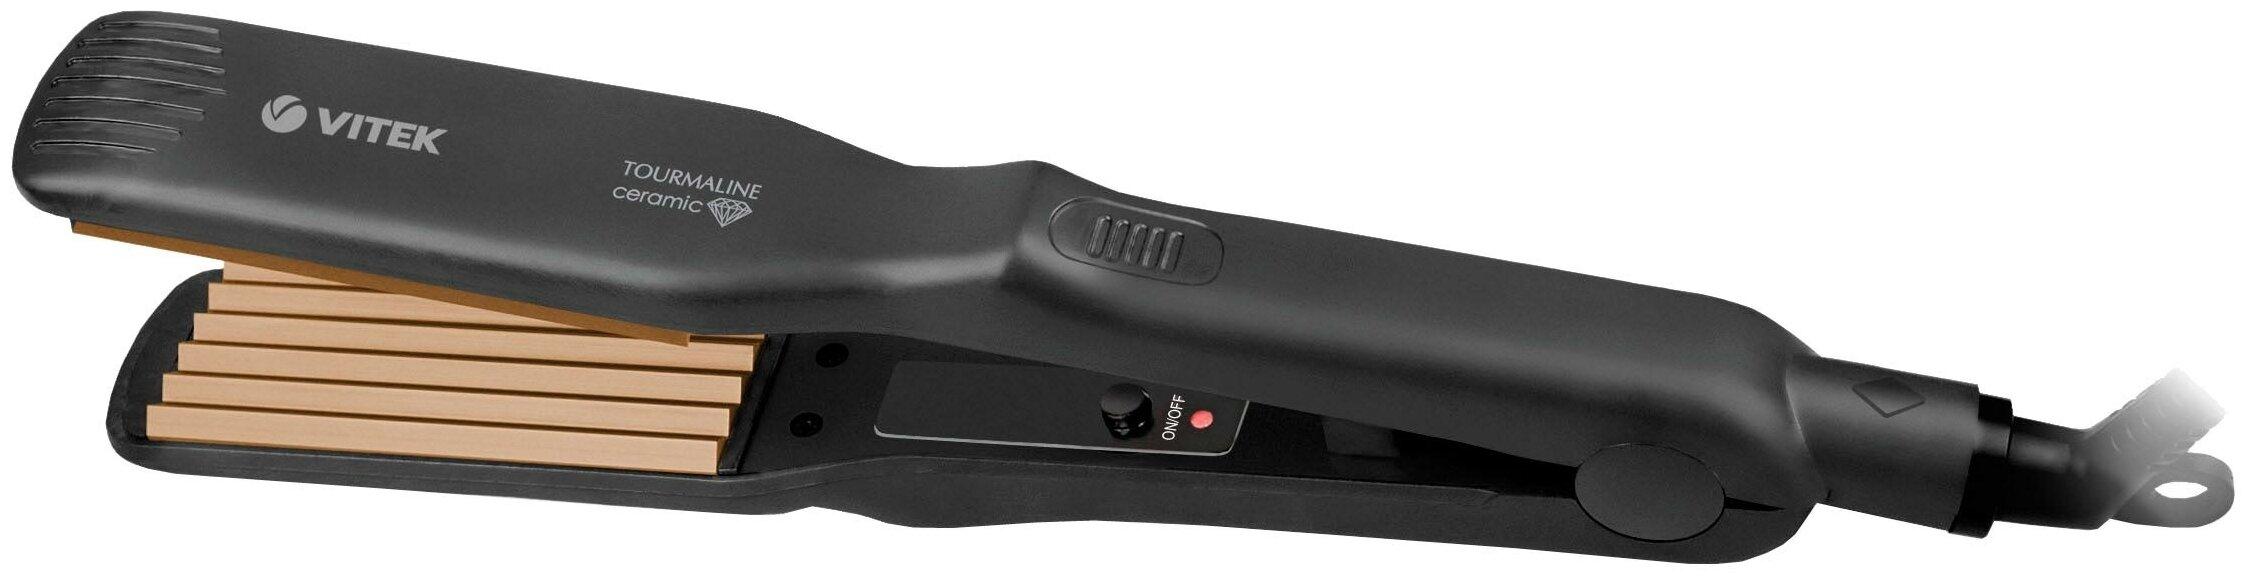 VITEK VT-8408 - тип щипцов: гофрированные